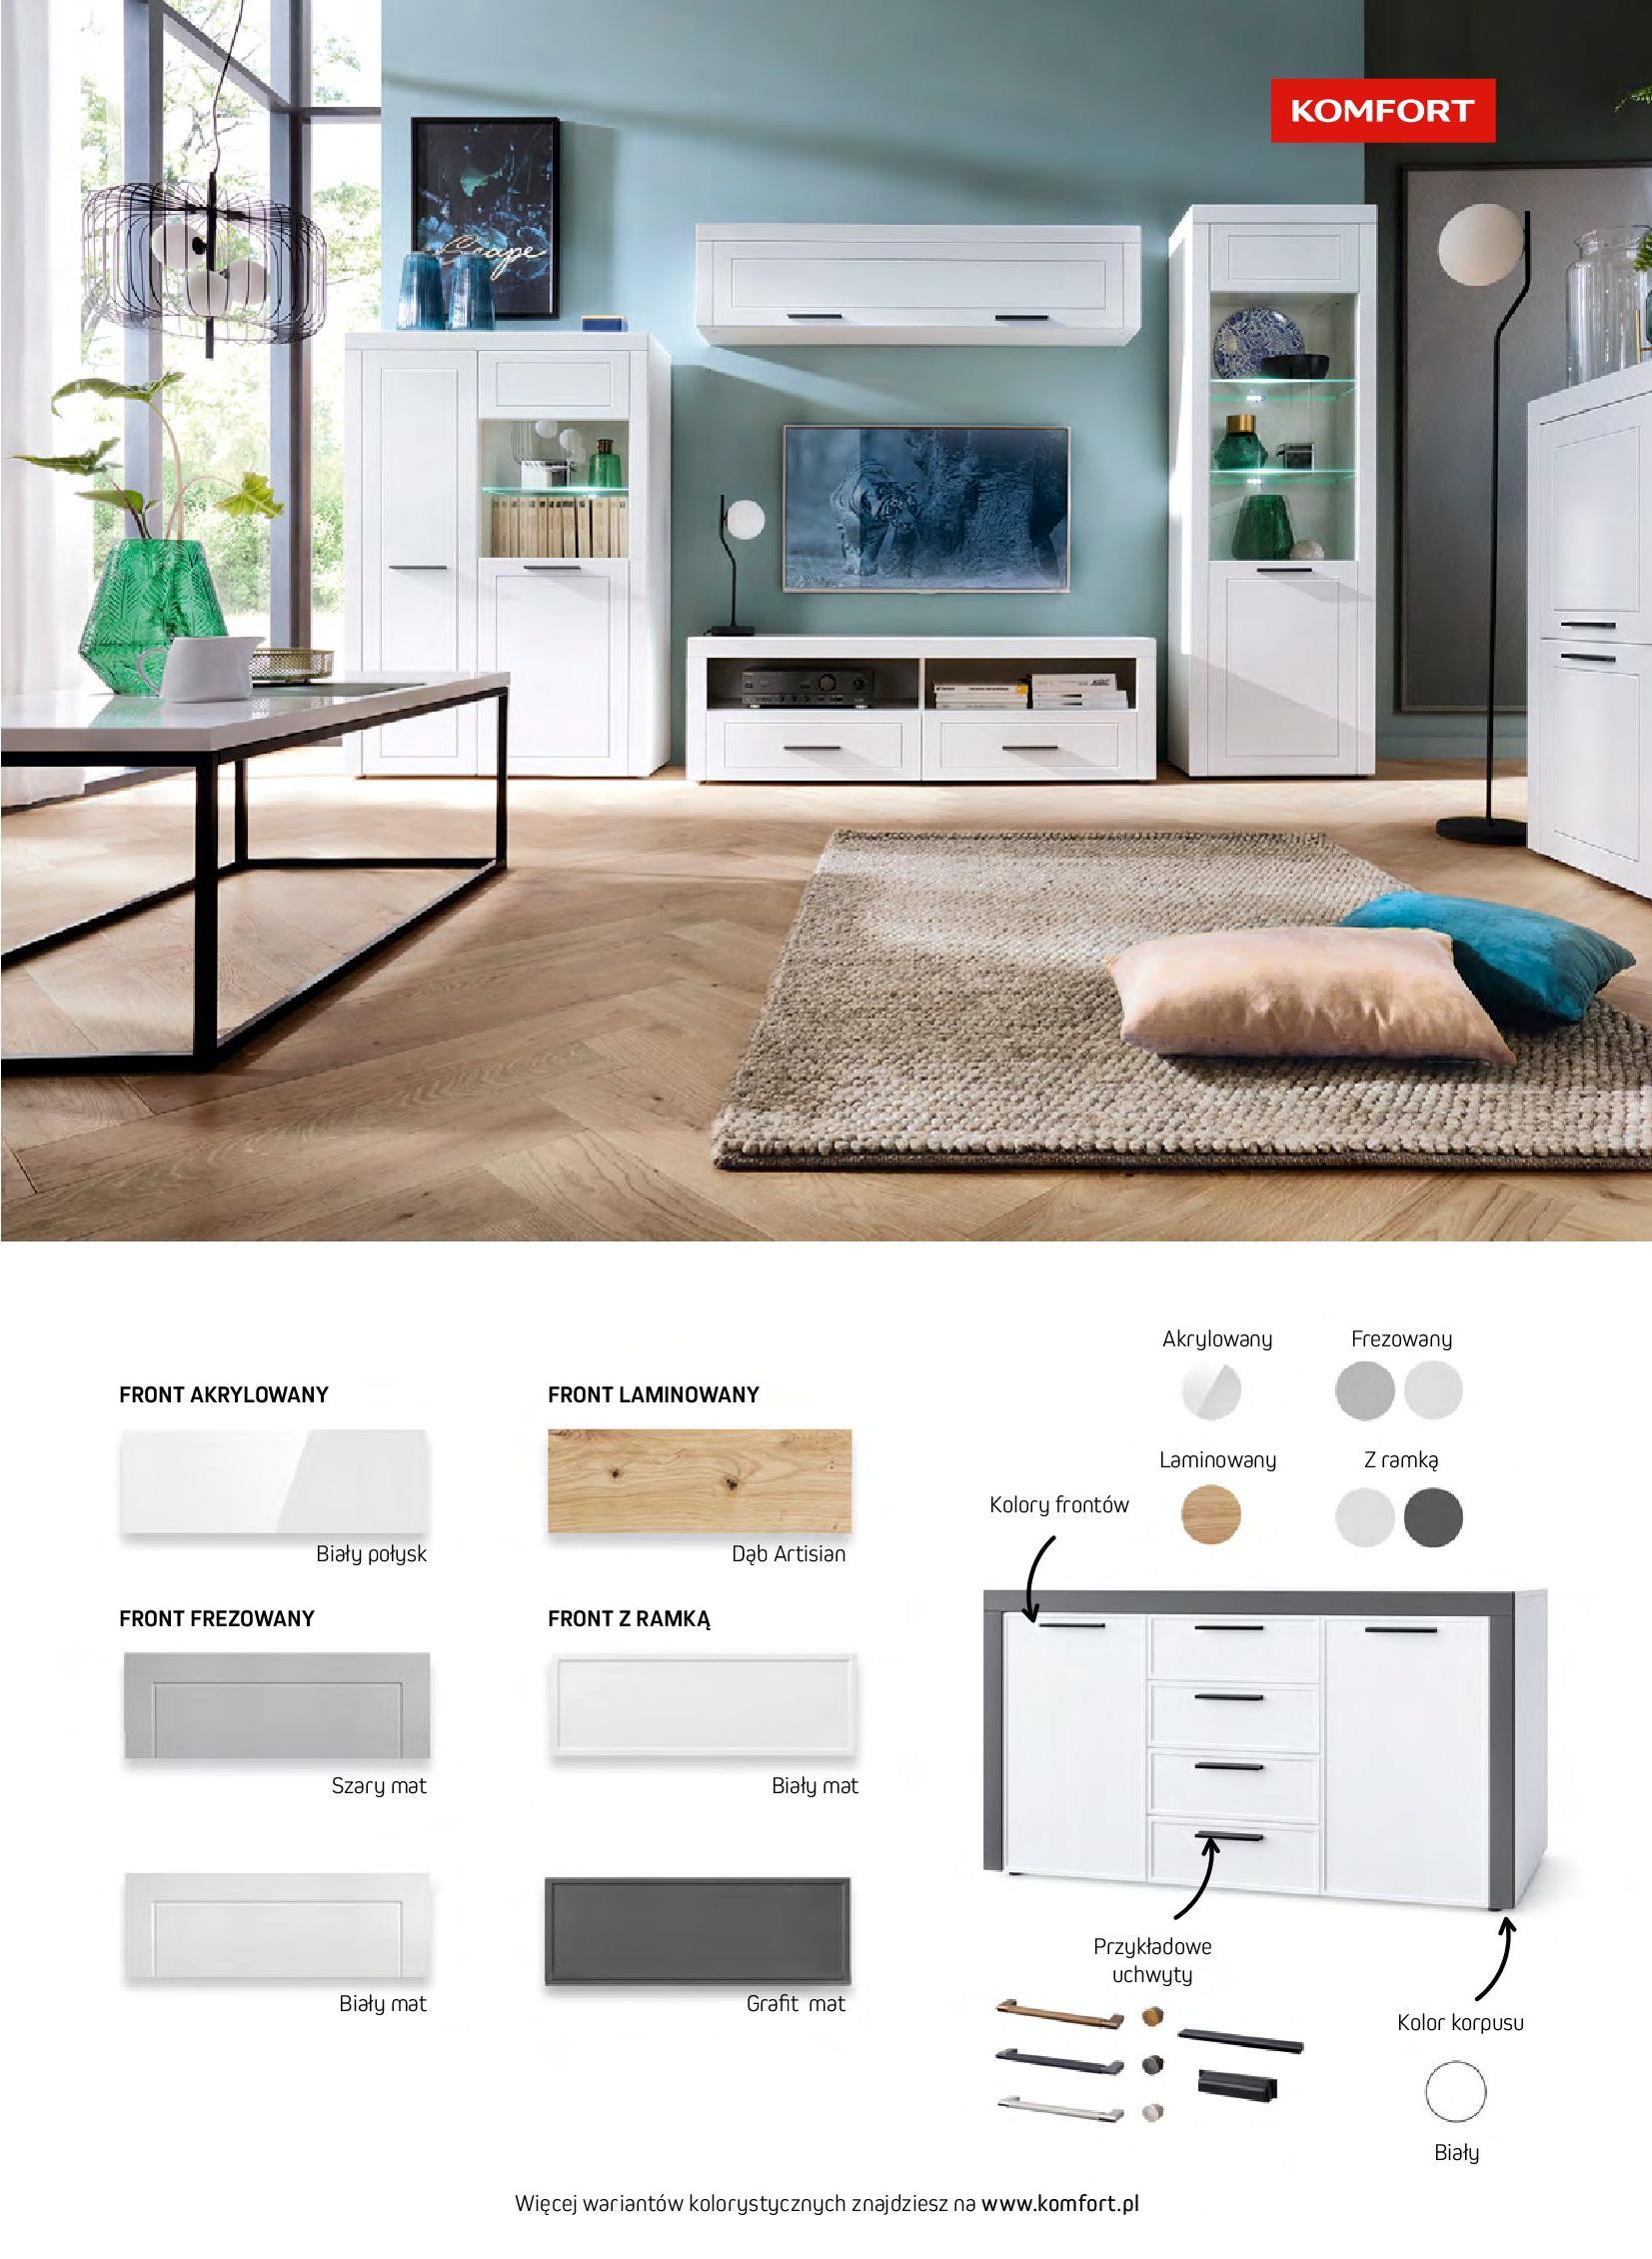 Gazetka Komfort: Gazetka komfort - Meble i oświetlenie 2021-08-26 page-5